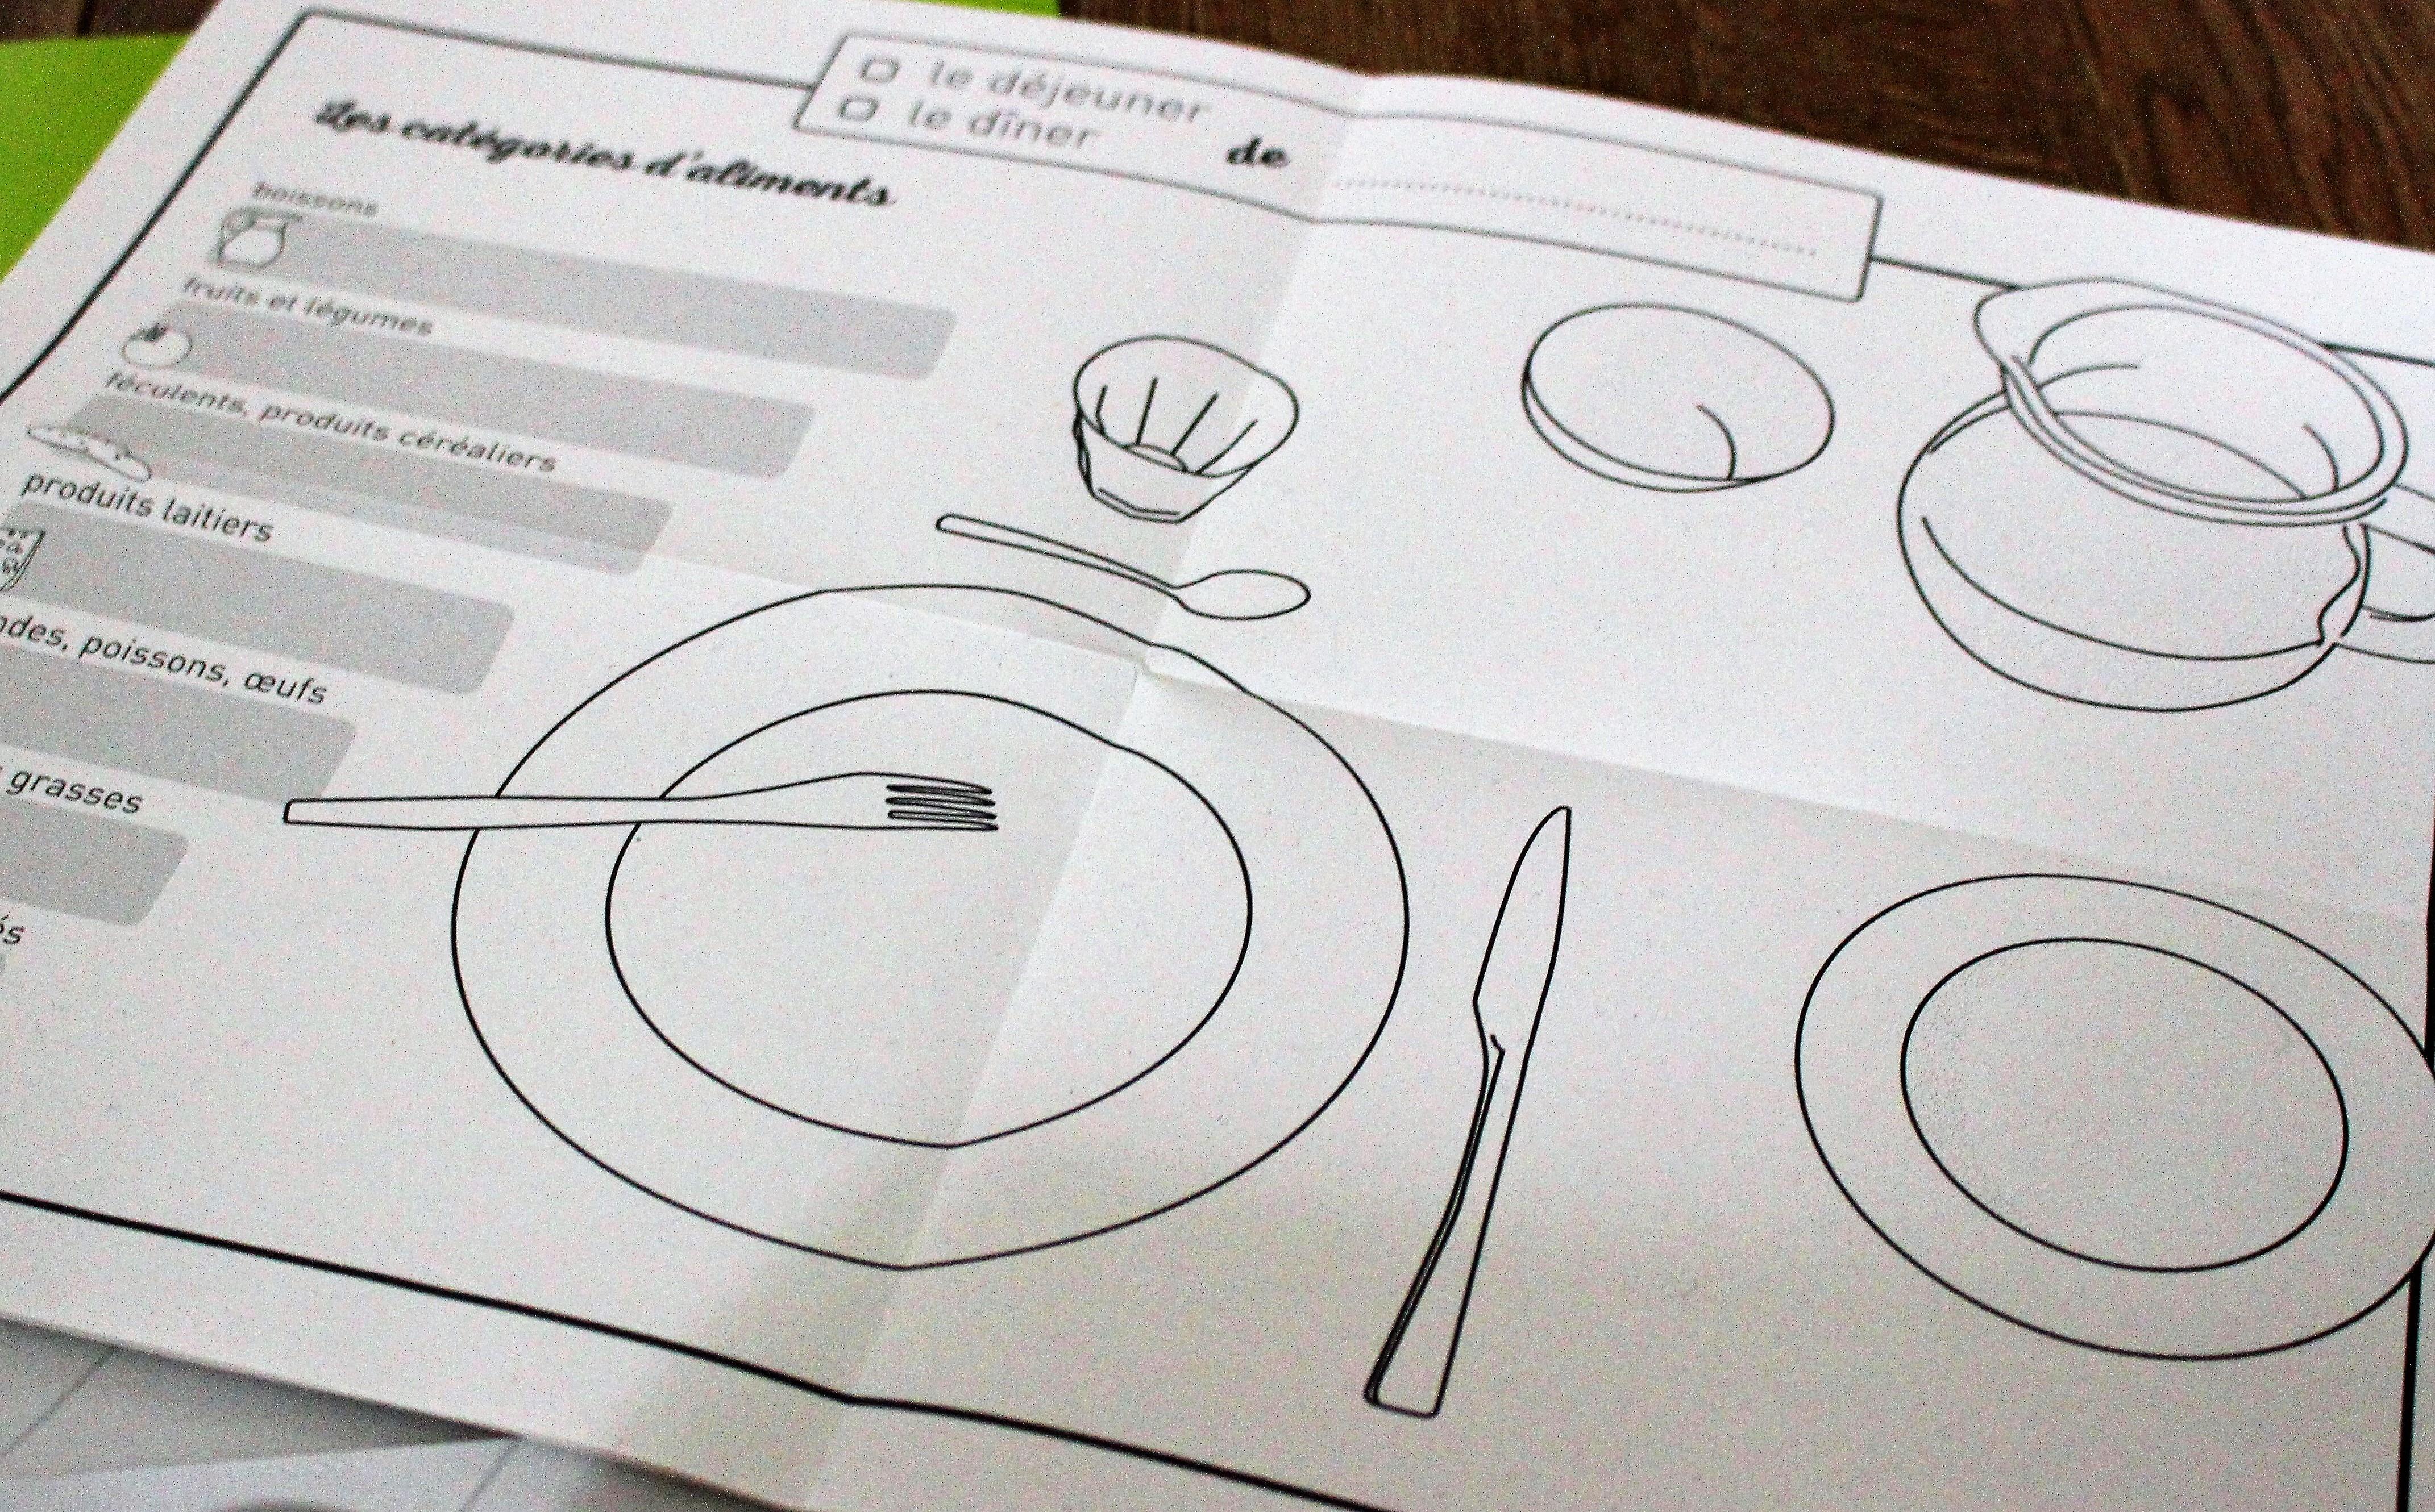 Jeu A Table éducation alimentaire ludique support pédagogique Avis de Cubes et Petits pois pour ateliers